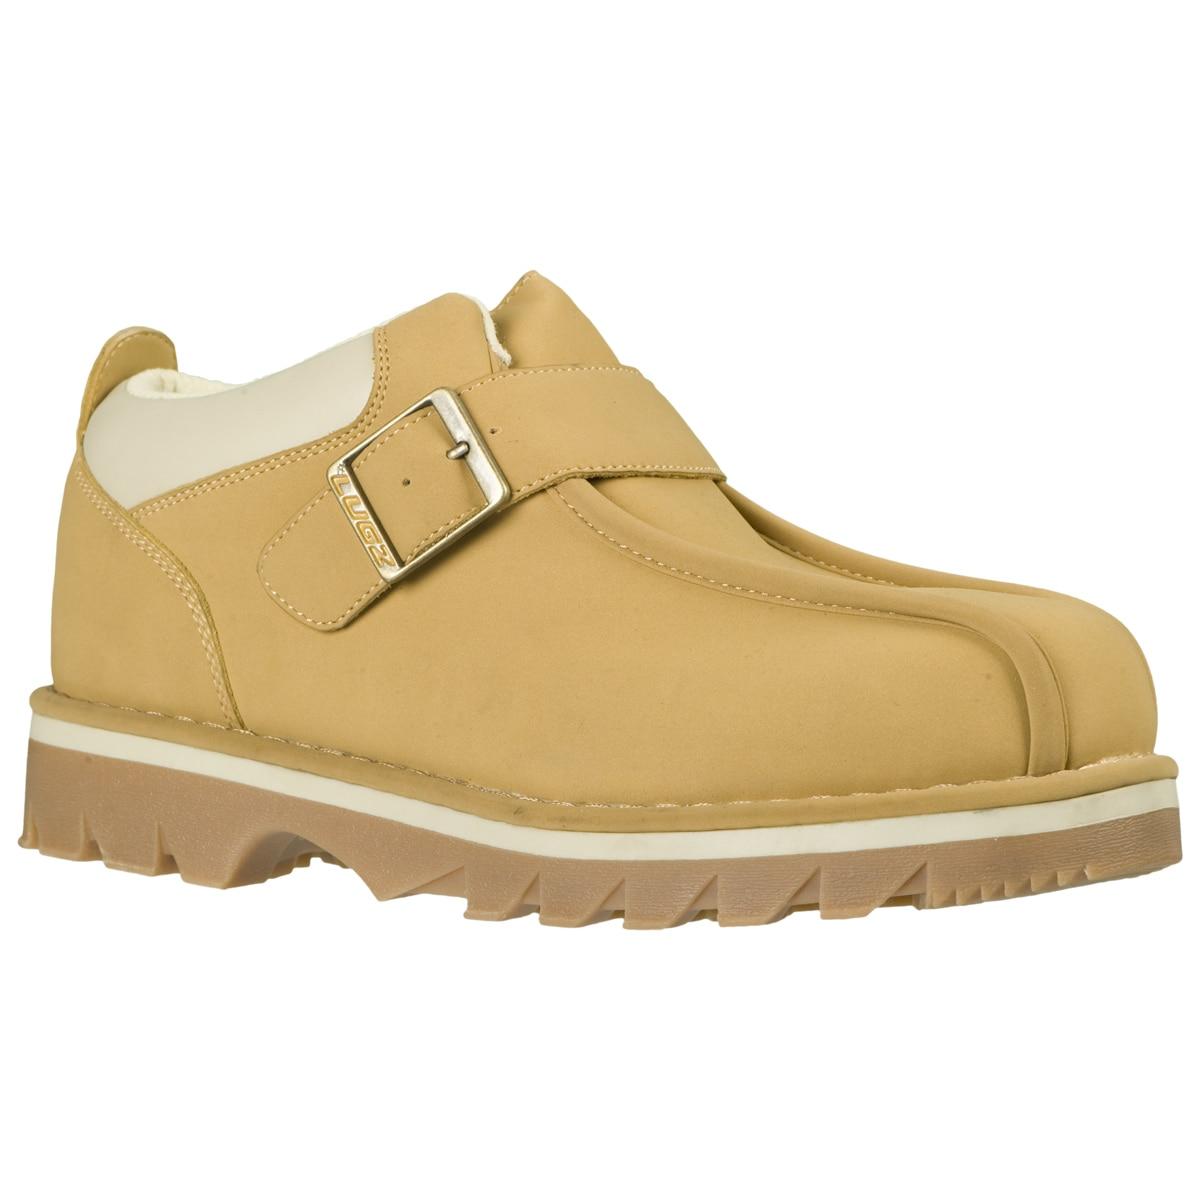 Lugz Men's Wheat Pathway Strap Boots